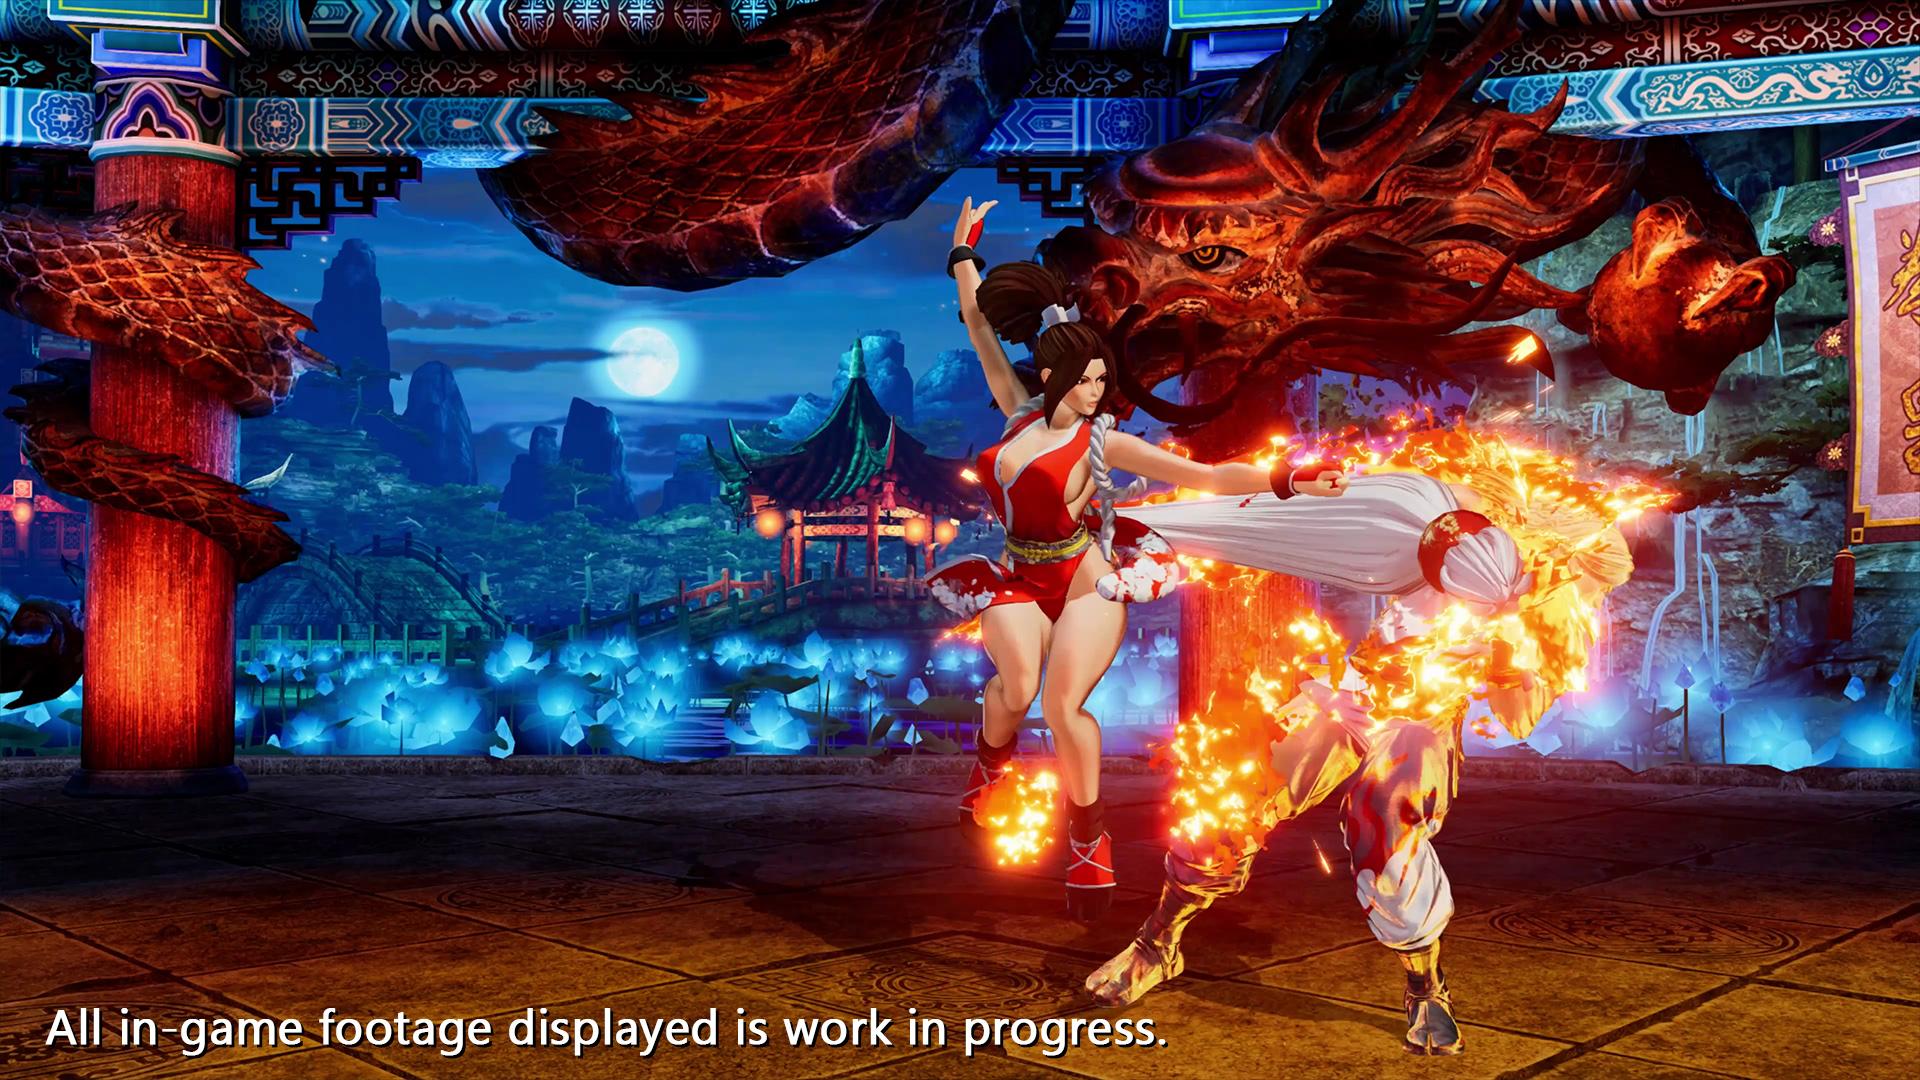 《拳皇15》开发者评价不知火舞 请期待她与安迪的互动